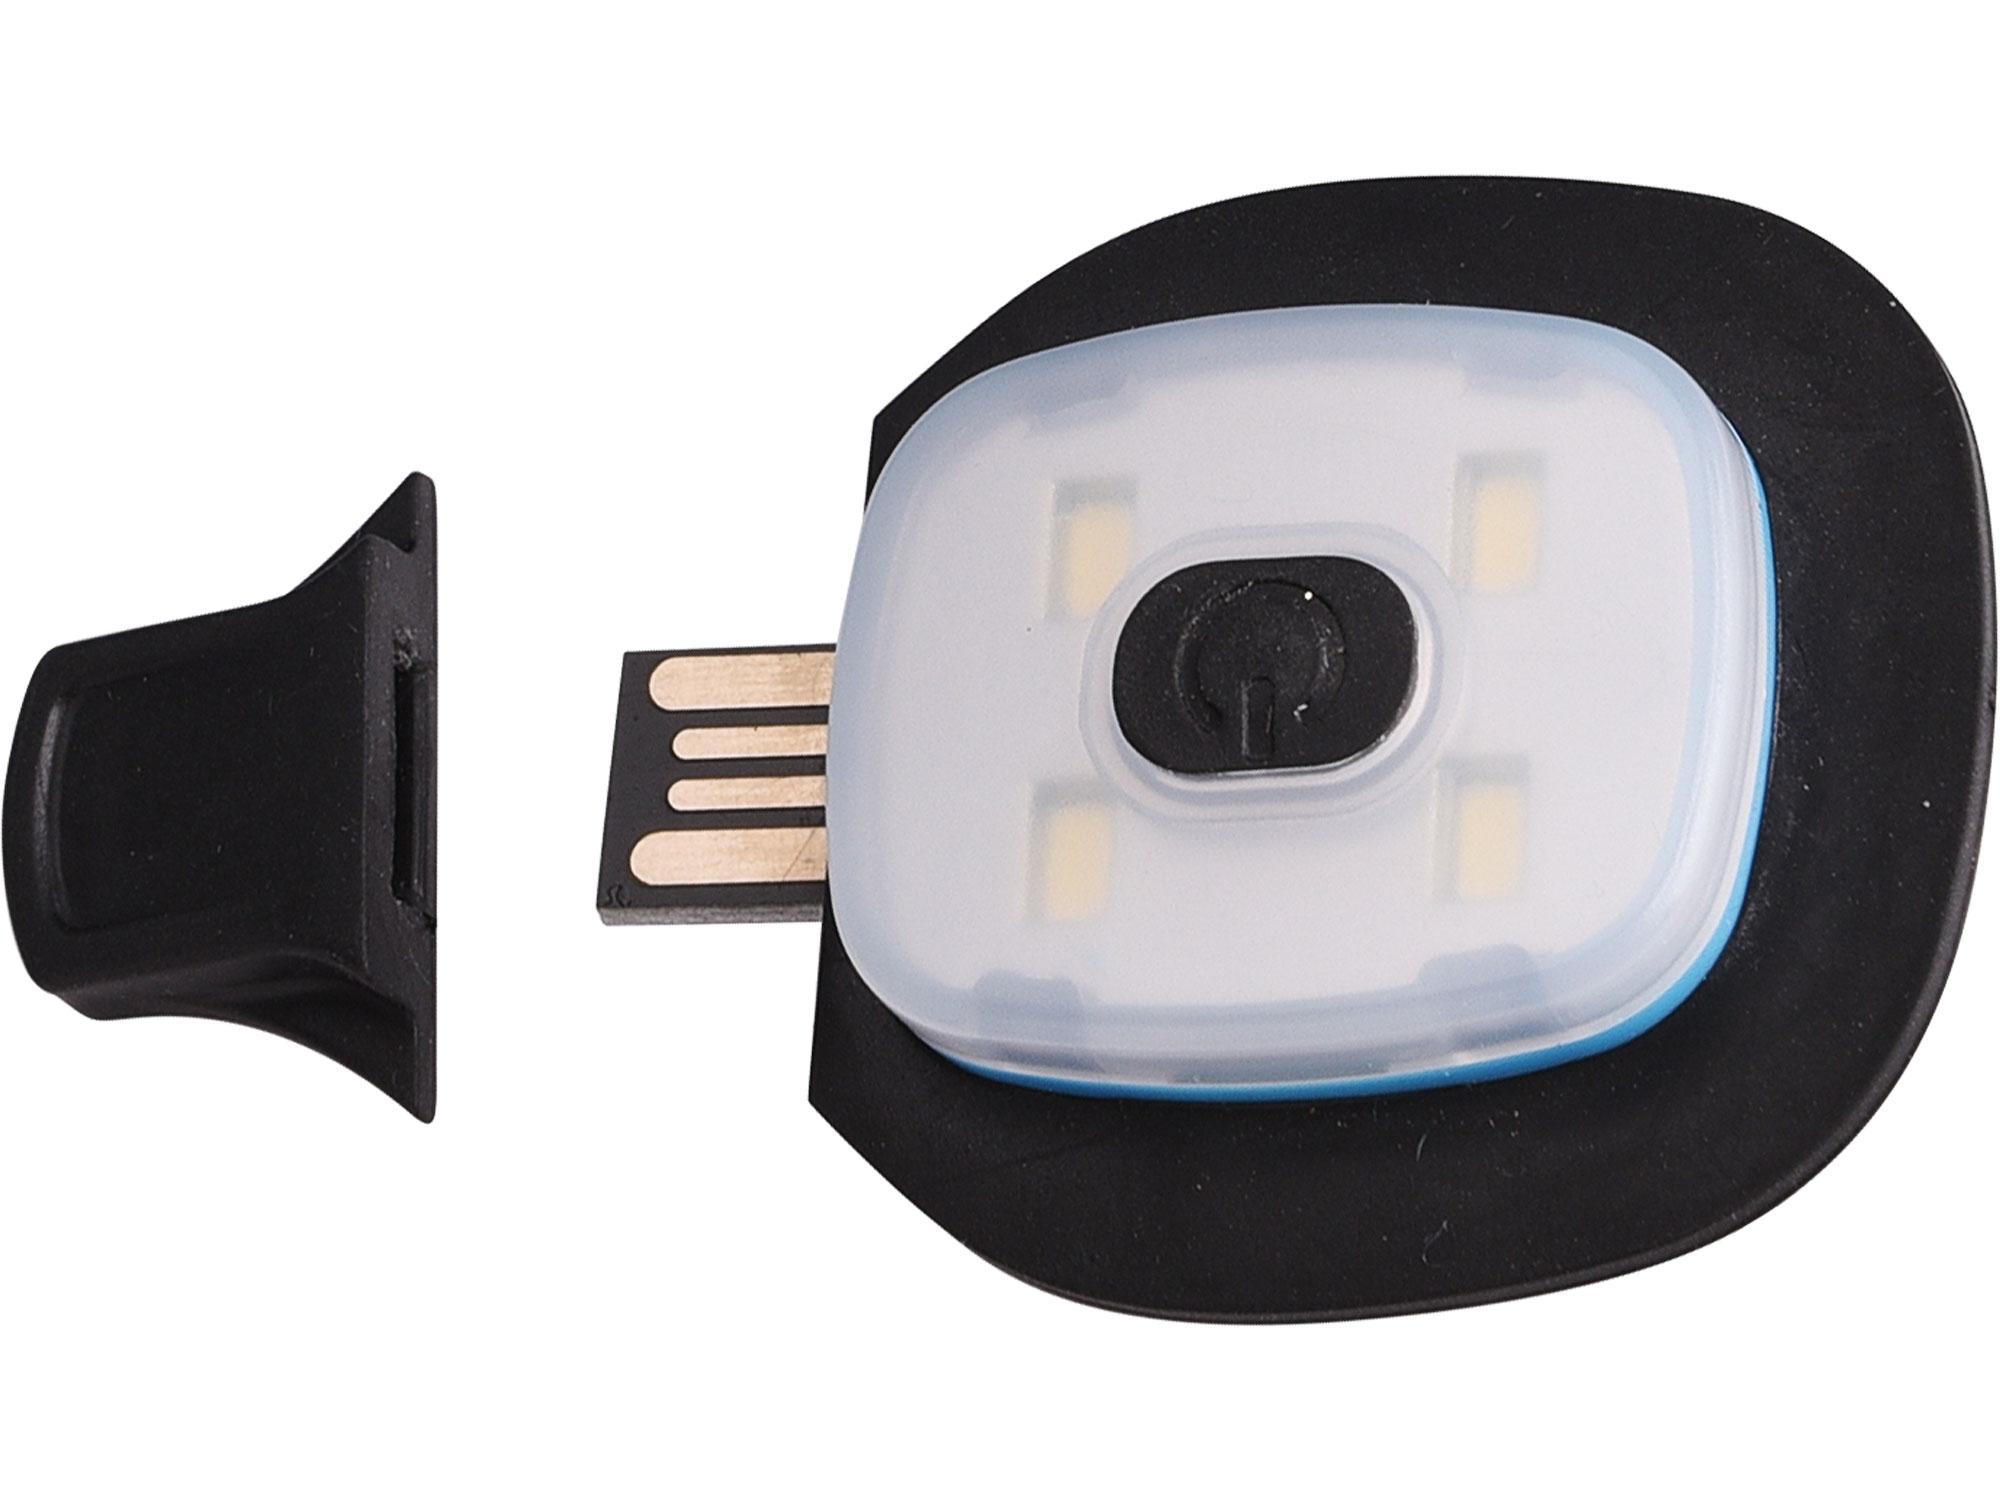 světlo do čepice, náhradní, nabíjecí, USB